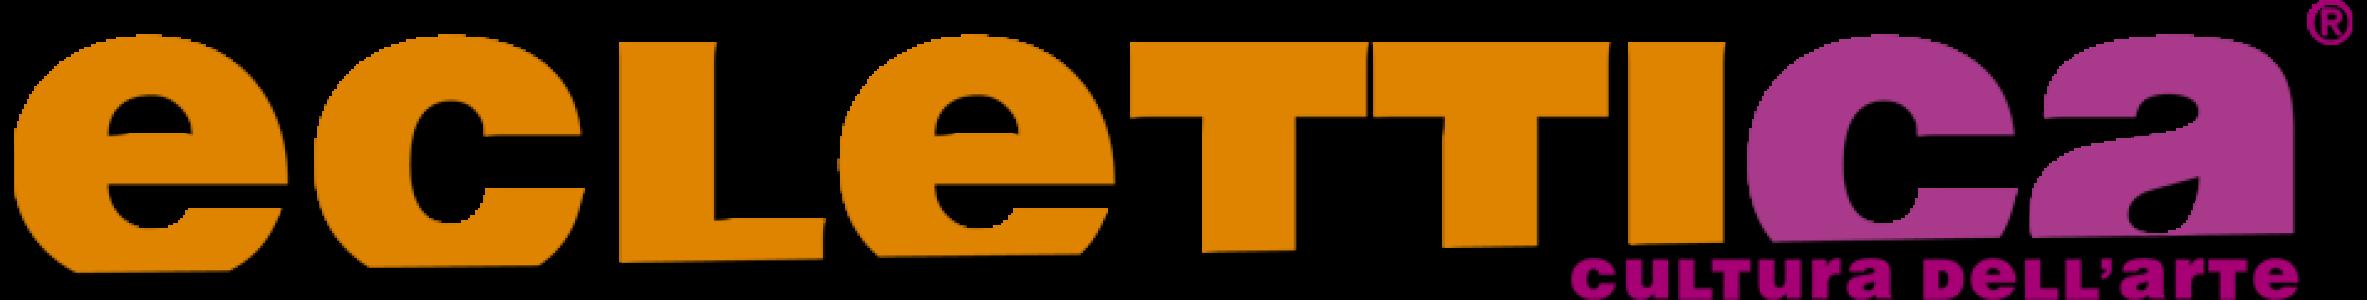 Associazione culturale Eclettica